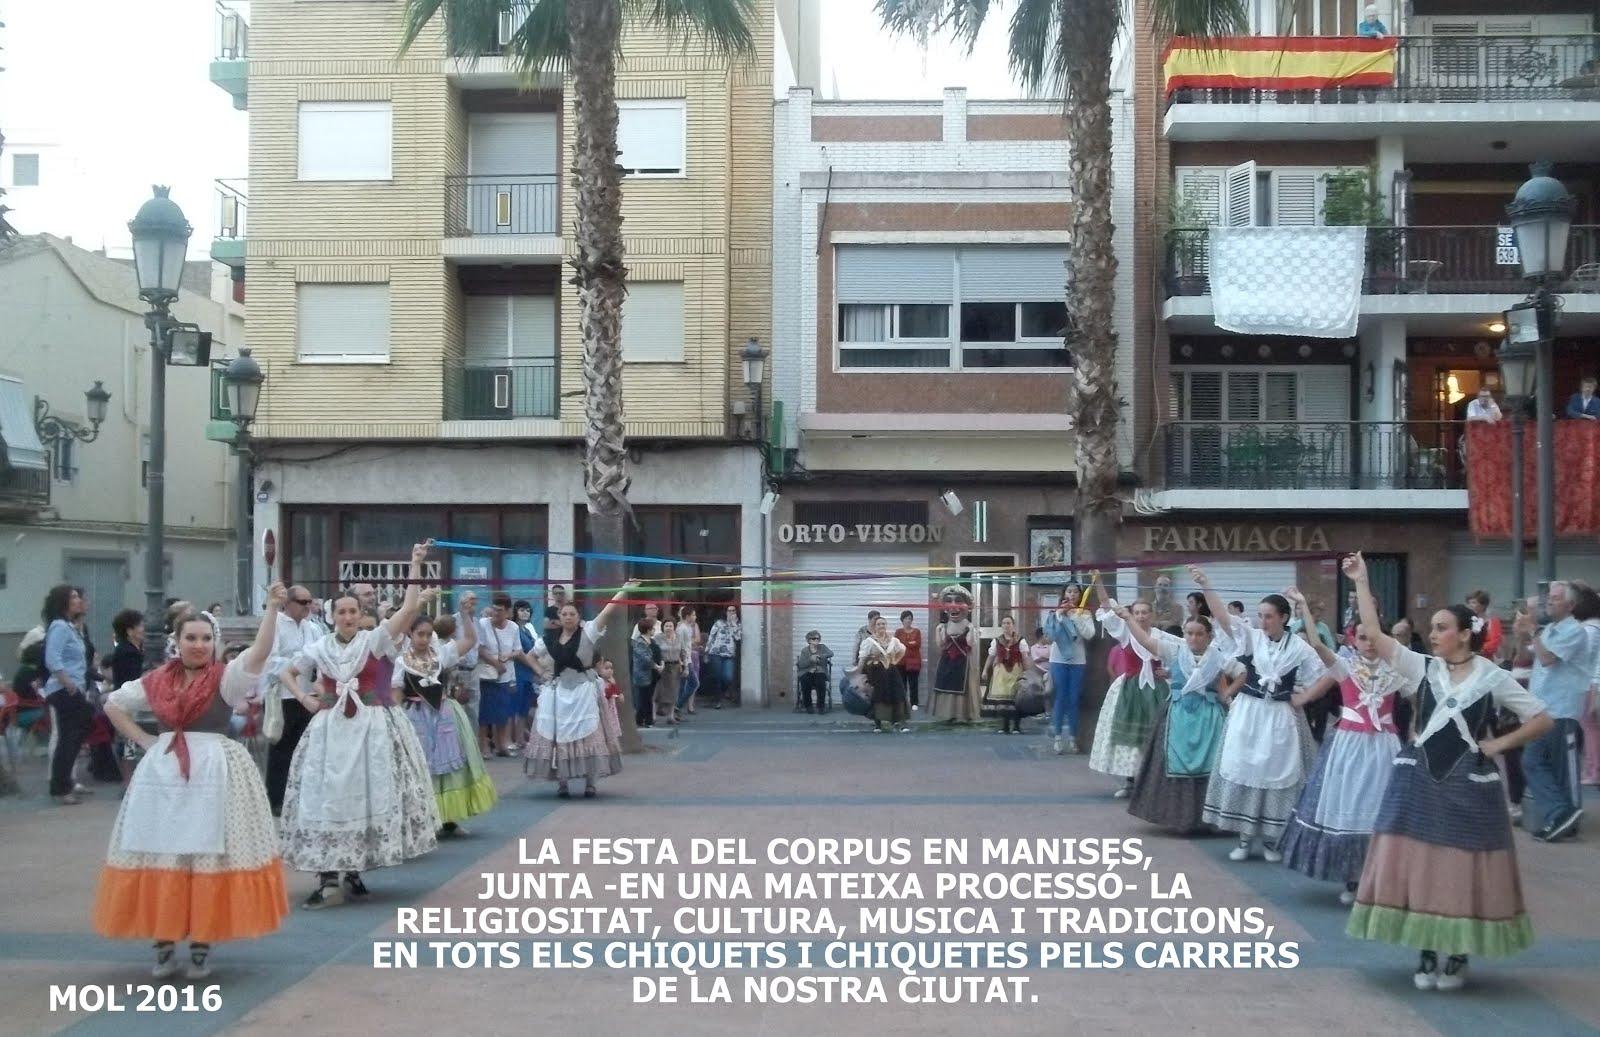 29.05.16 LA FESTA DEL COR- PUS EN LA CIUTAT DE MANISES